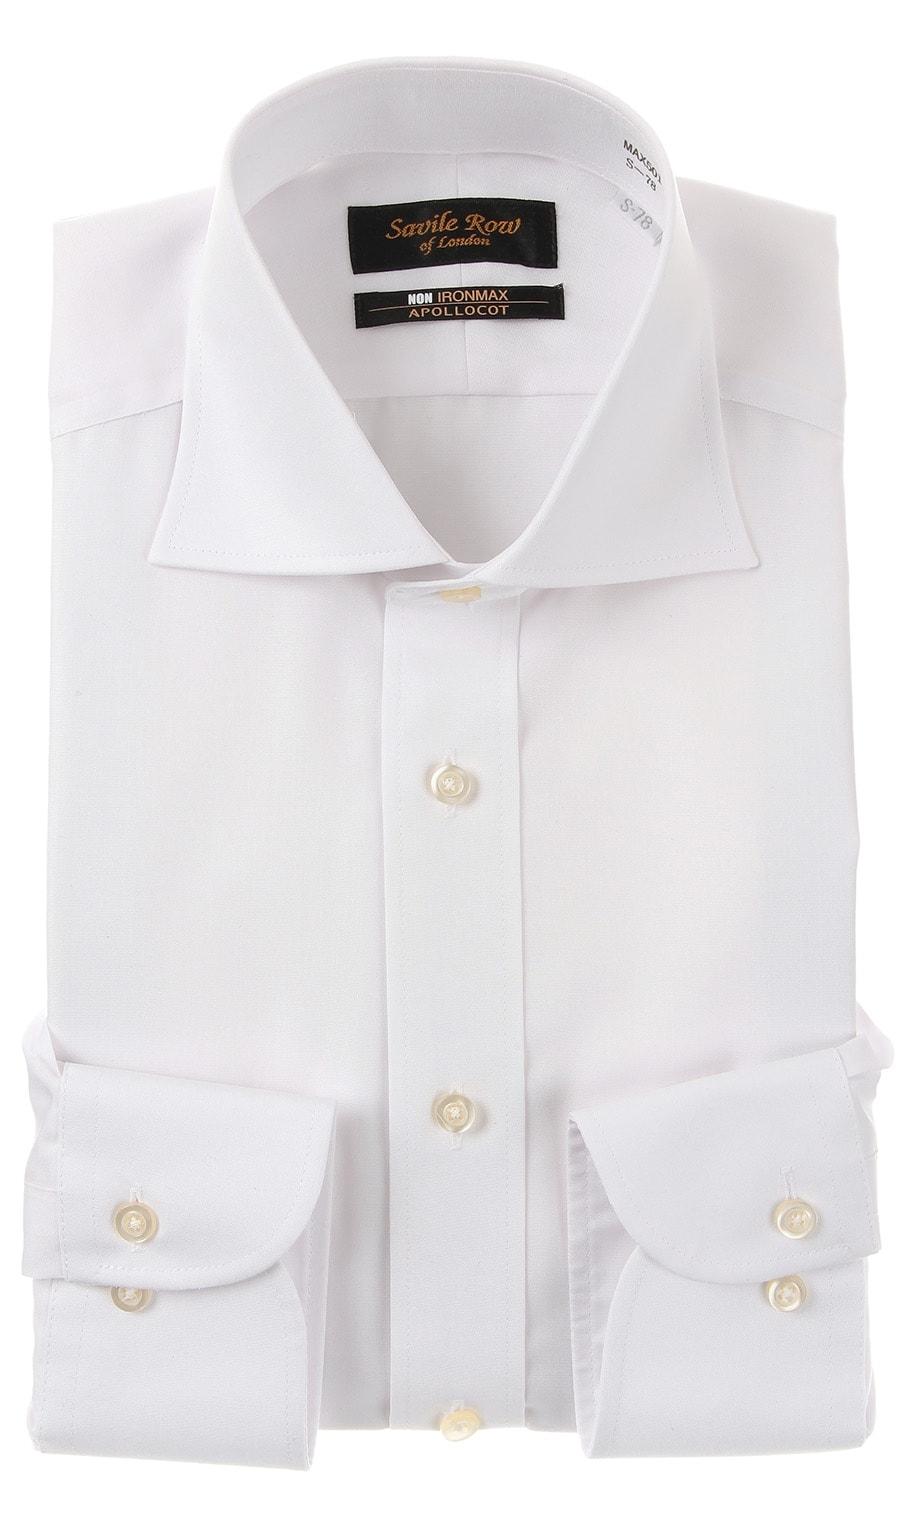 Savile Rowワイドカラースタンダードワイシャツ/NON IRONMAX